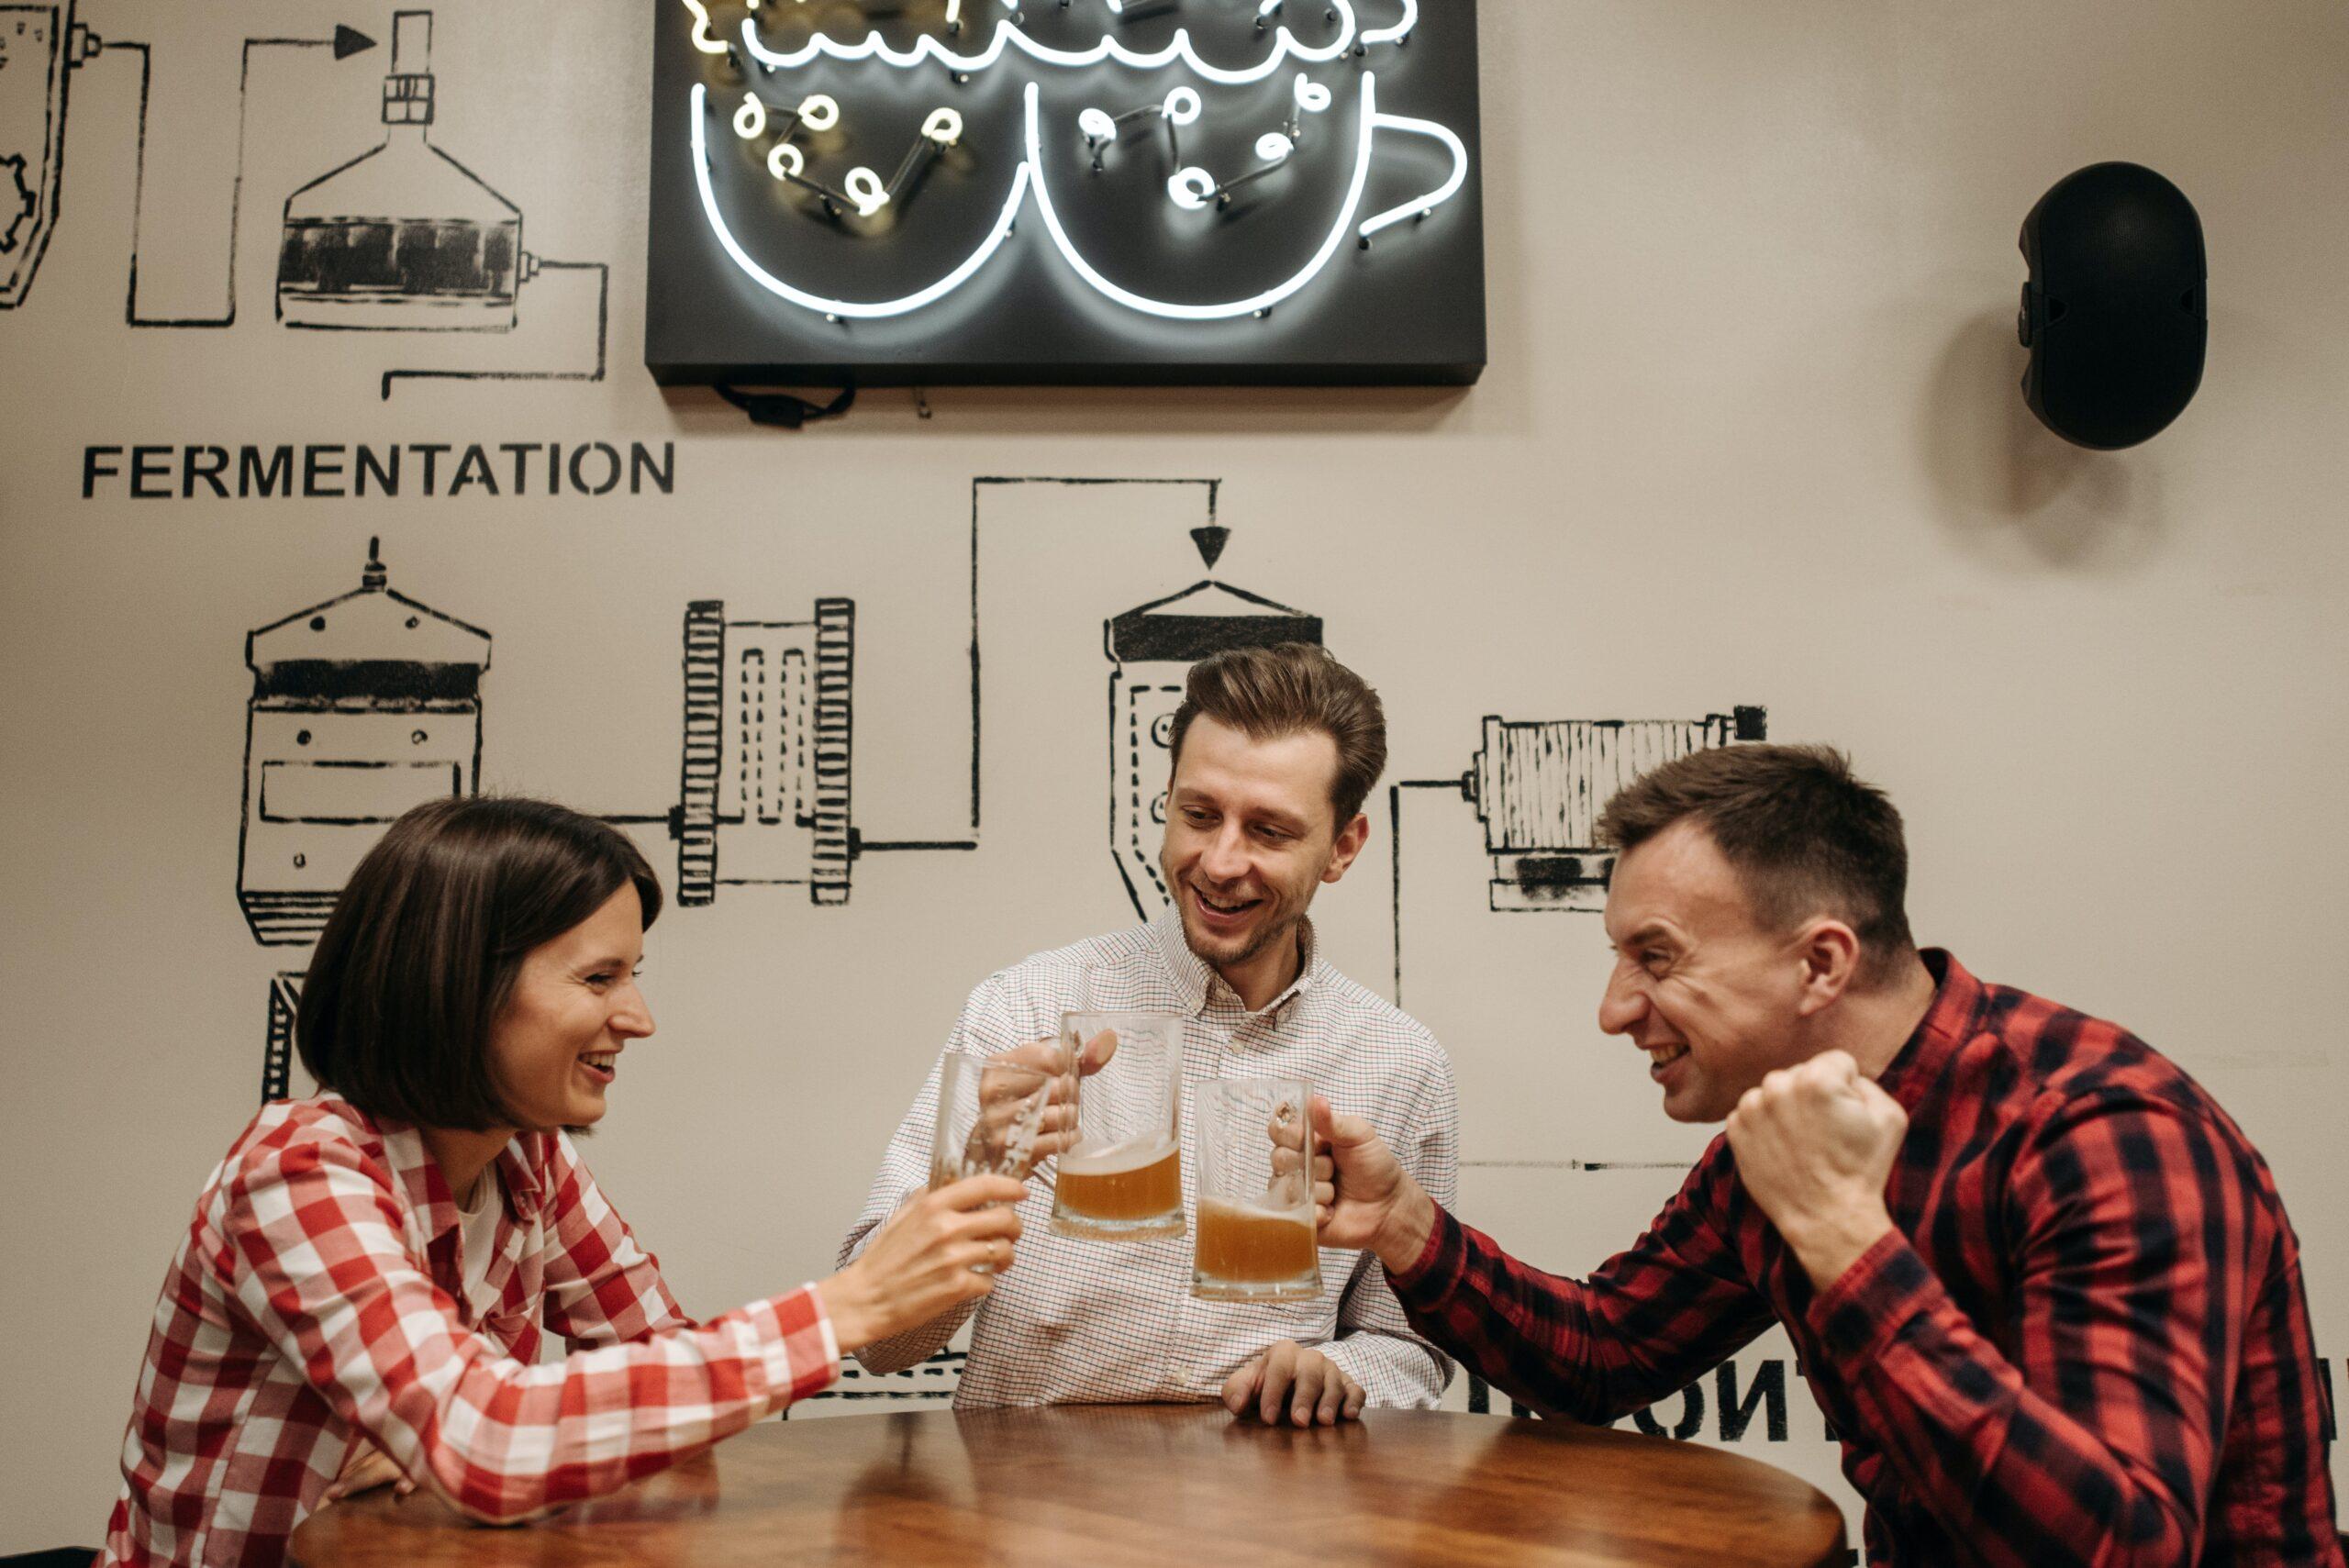 男女で飲み会をしている画像